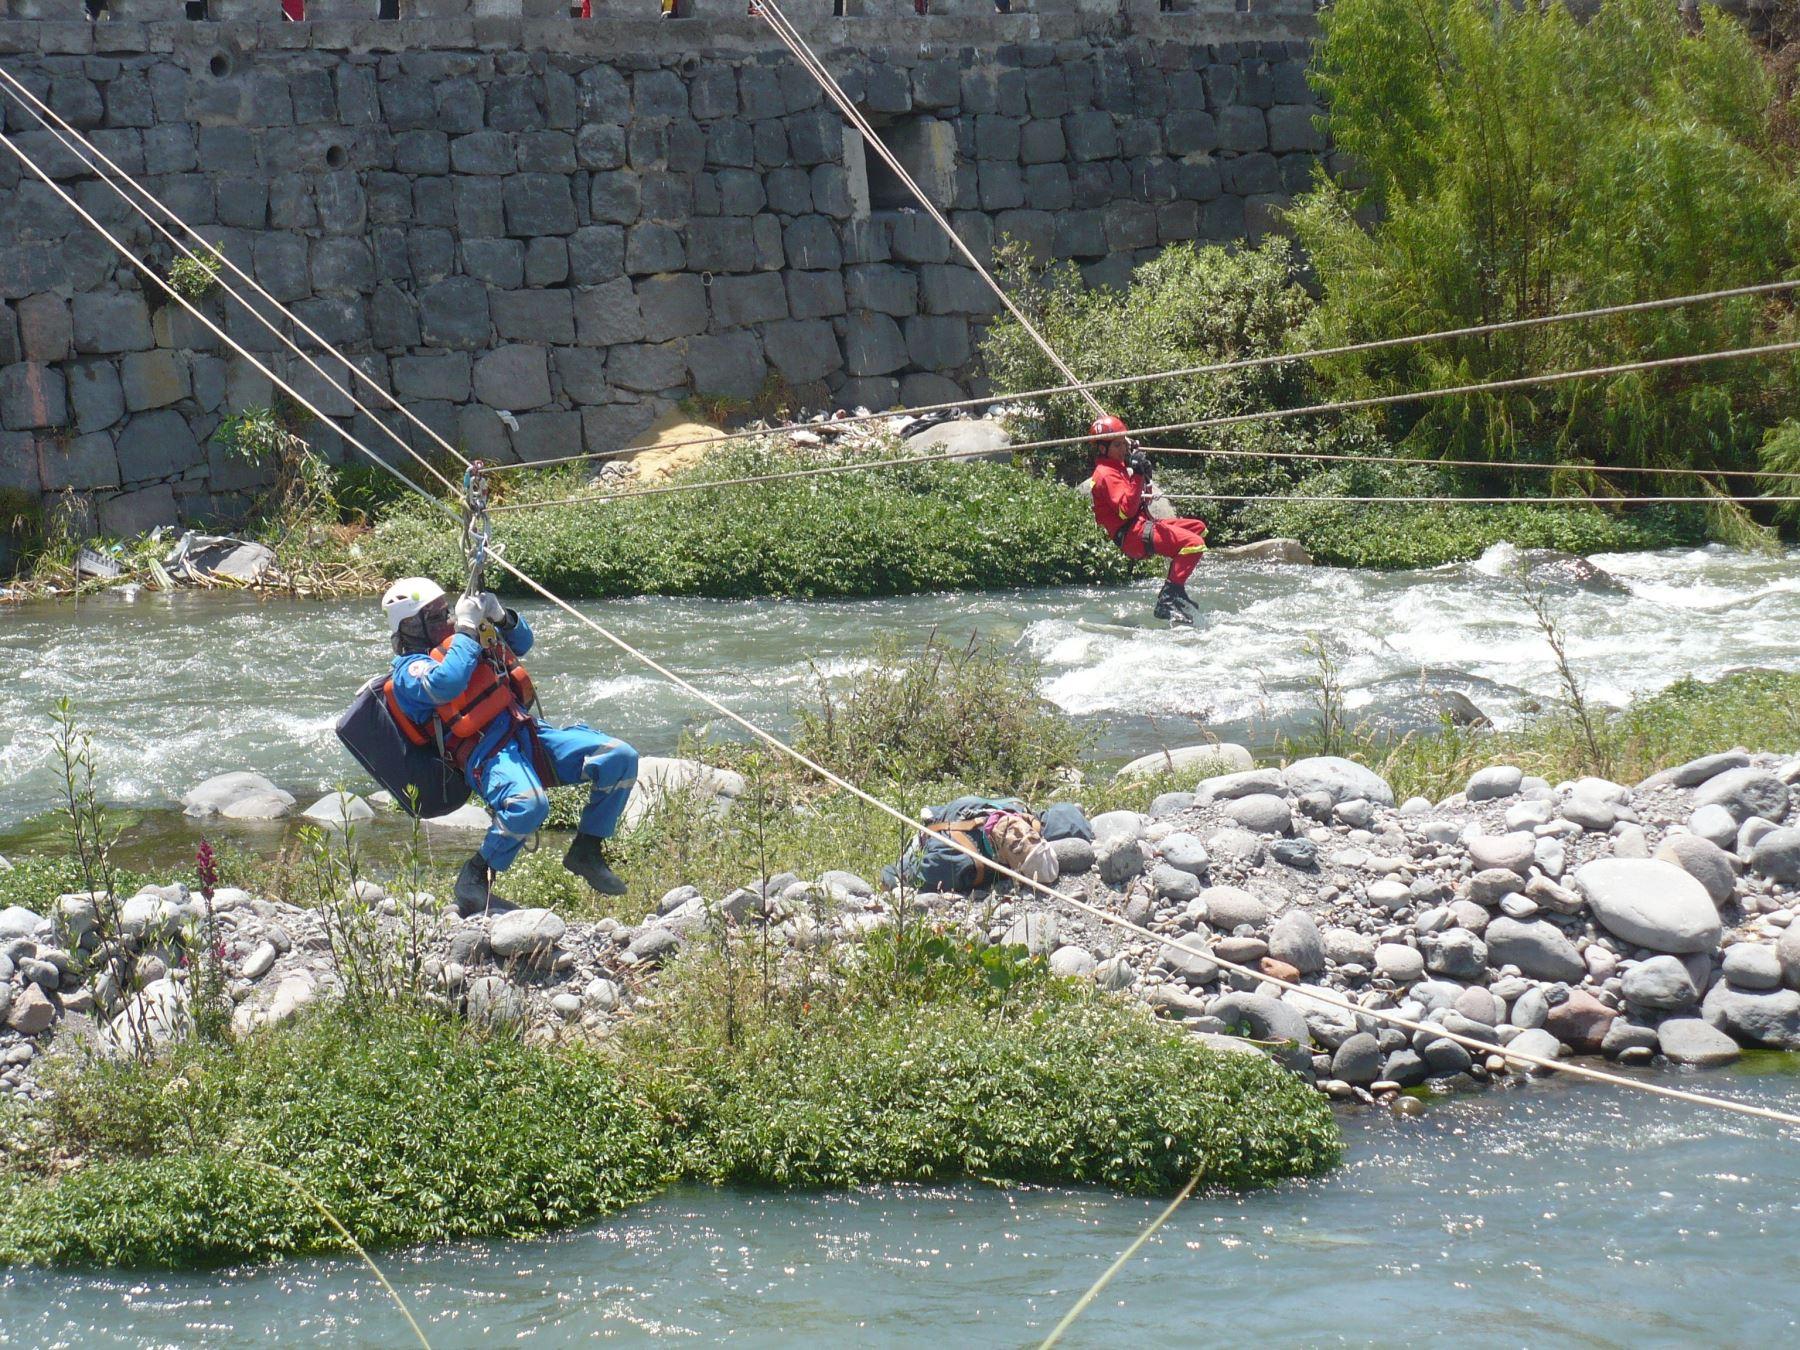 Escenario planteado para el ejercicio fue el incremento del caudal del río Chili por el colapso de la represa El Frayle, cuya estructura se encuentra dañada.